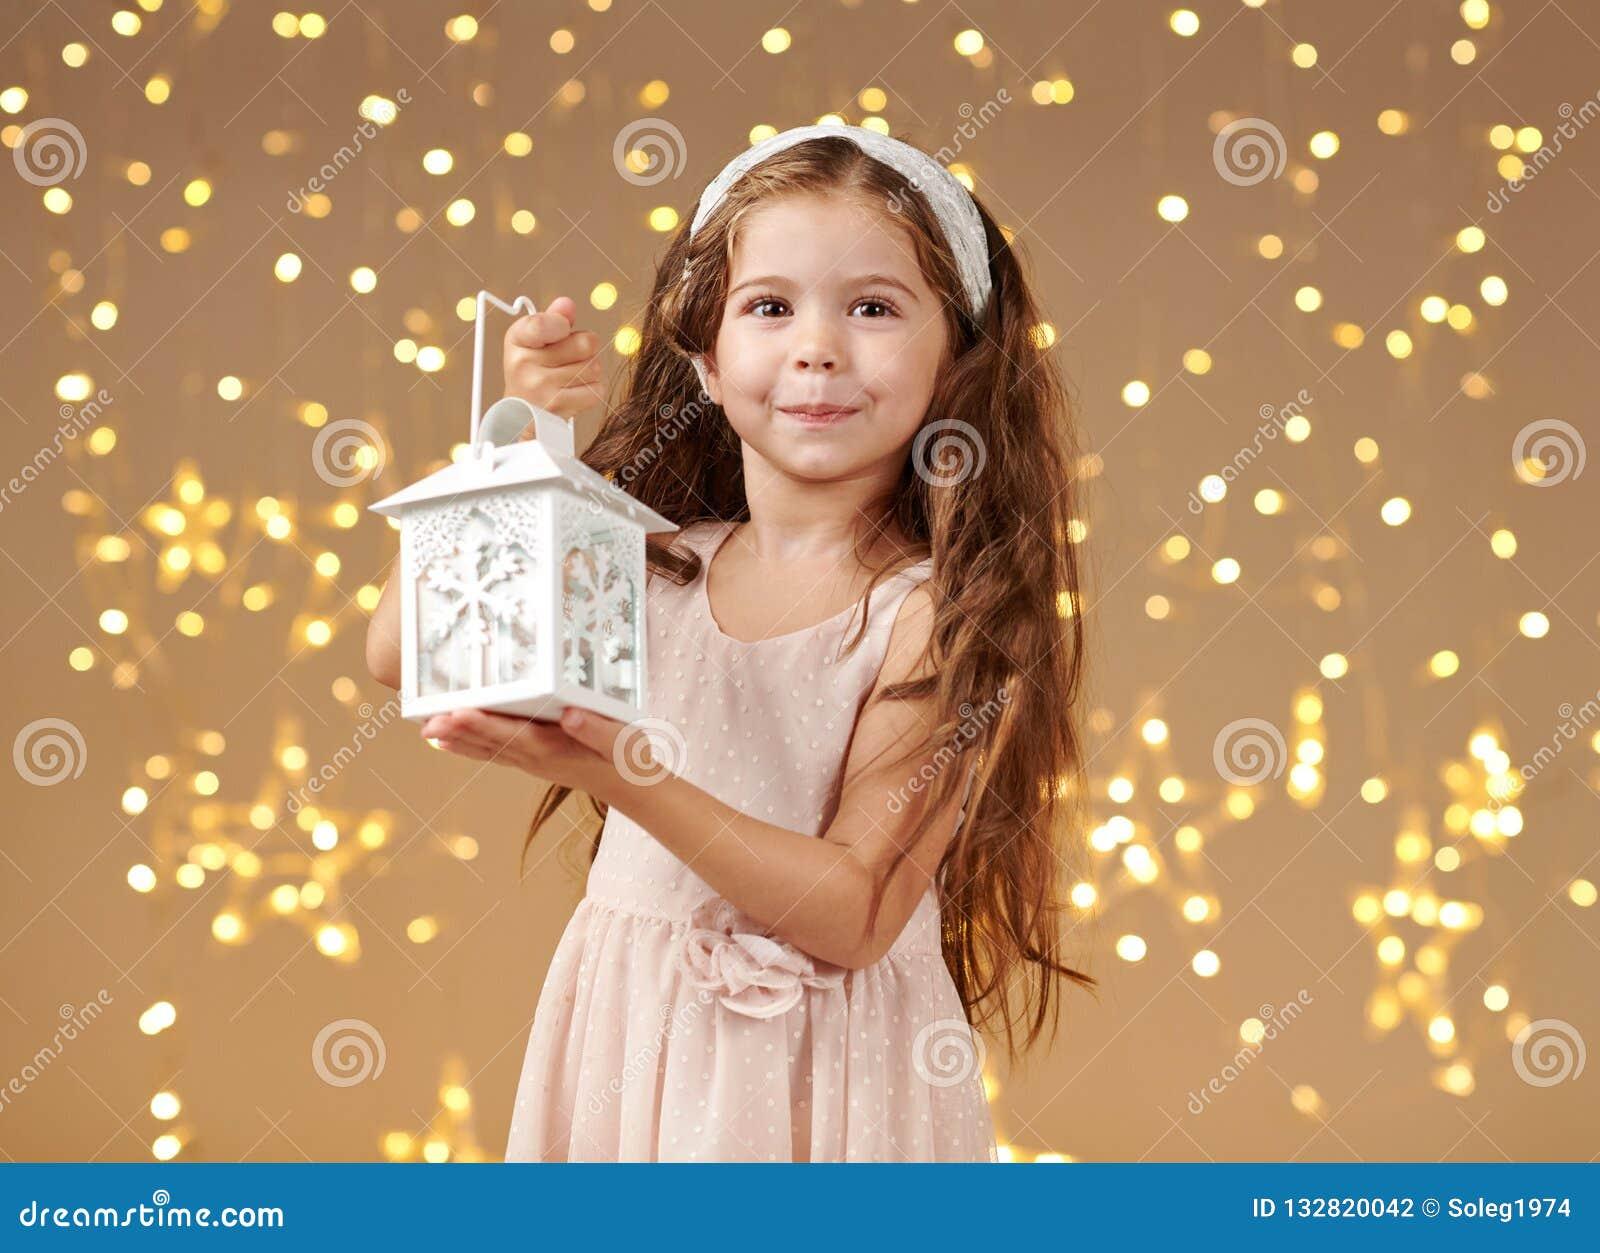 L enfant de fille pose avec la lanterne dans des lumières de Noël, fond jaune, robe rose